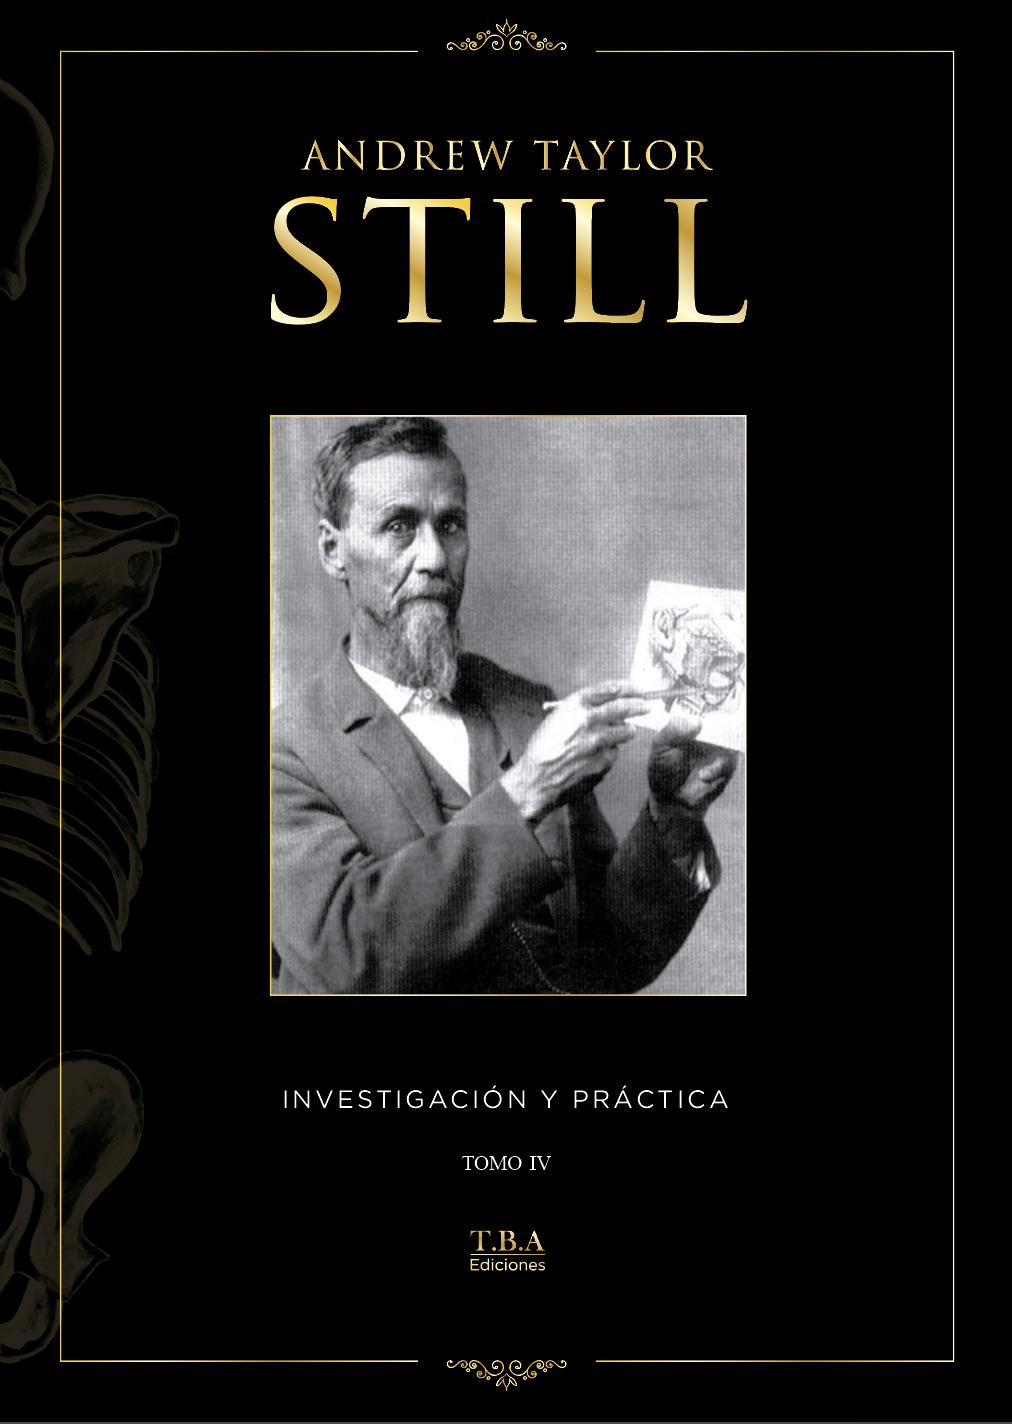 Andrew Taylor Still - Investigación y práctica